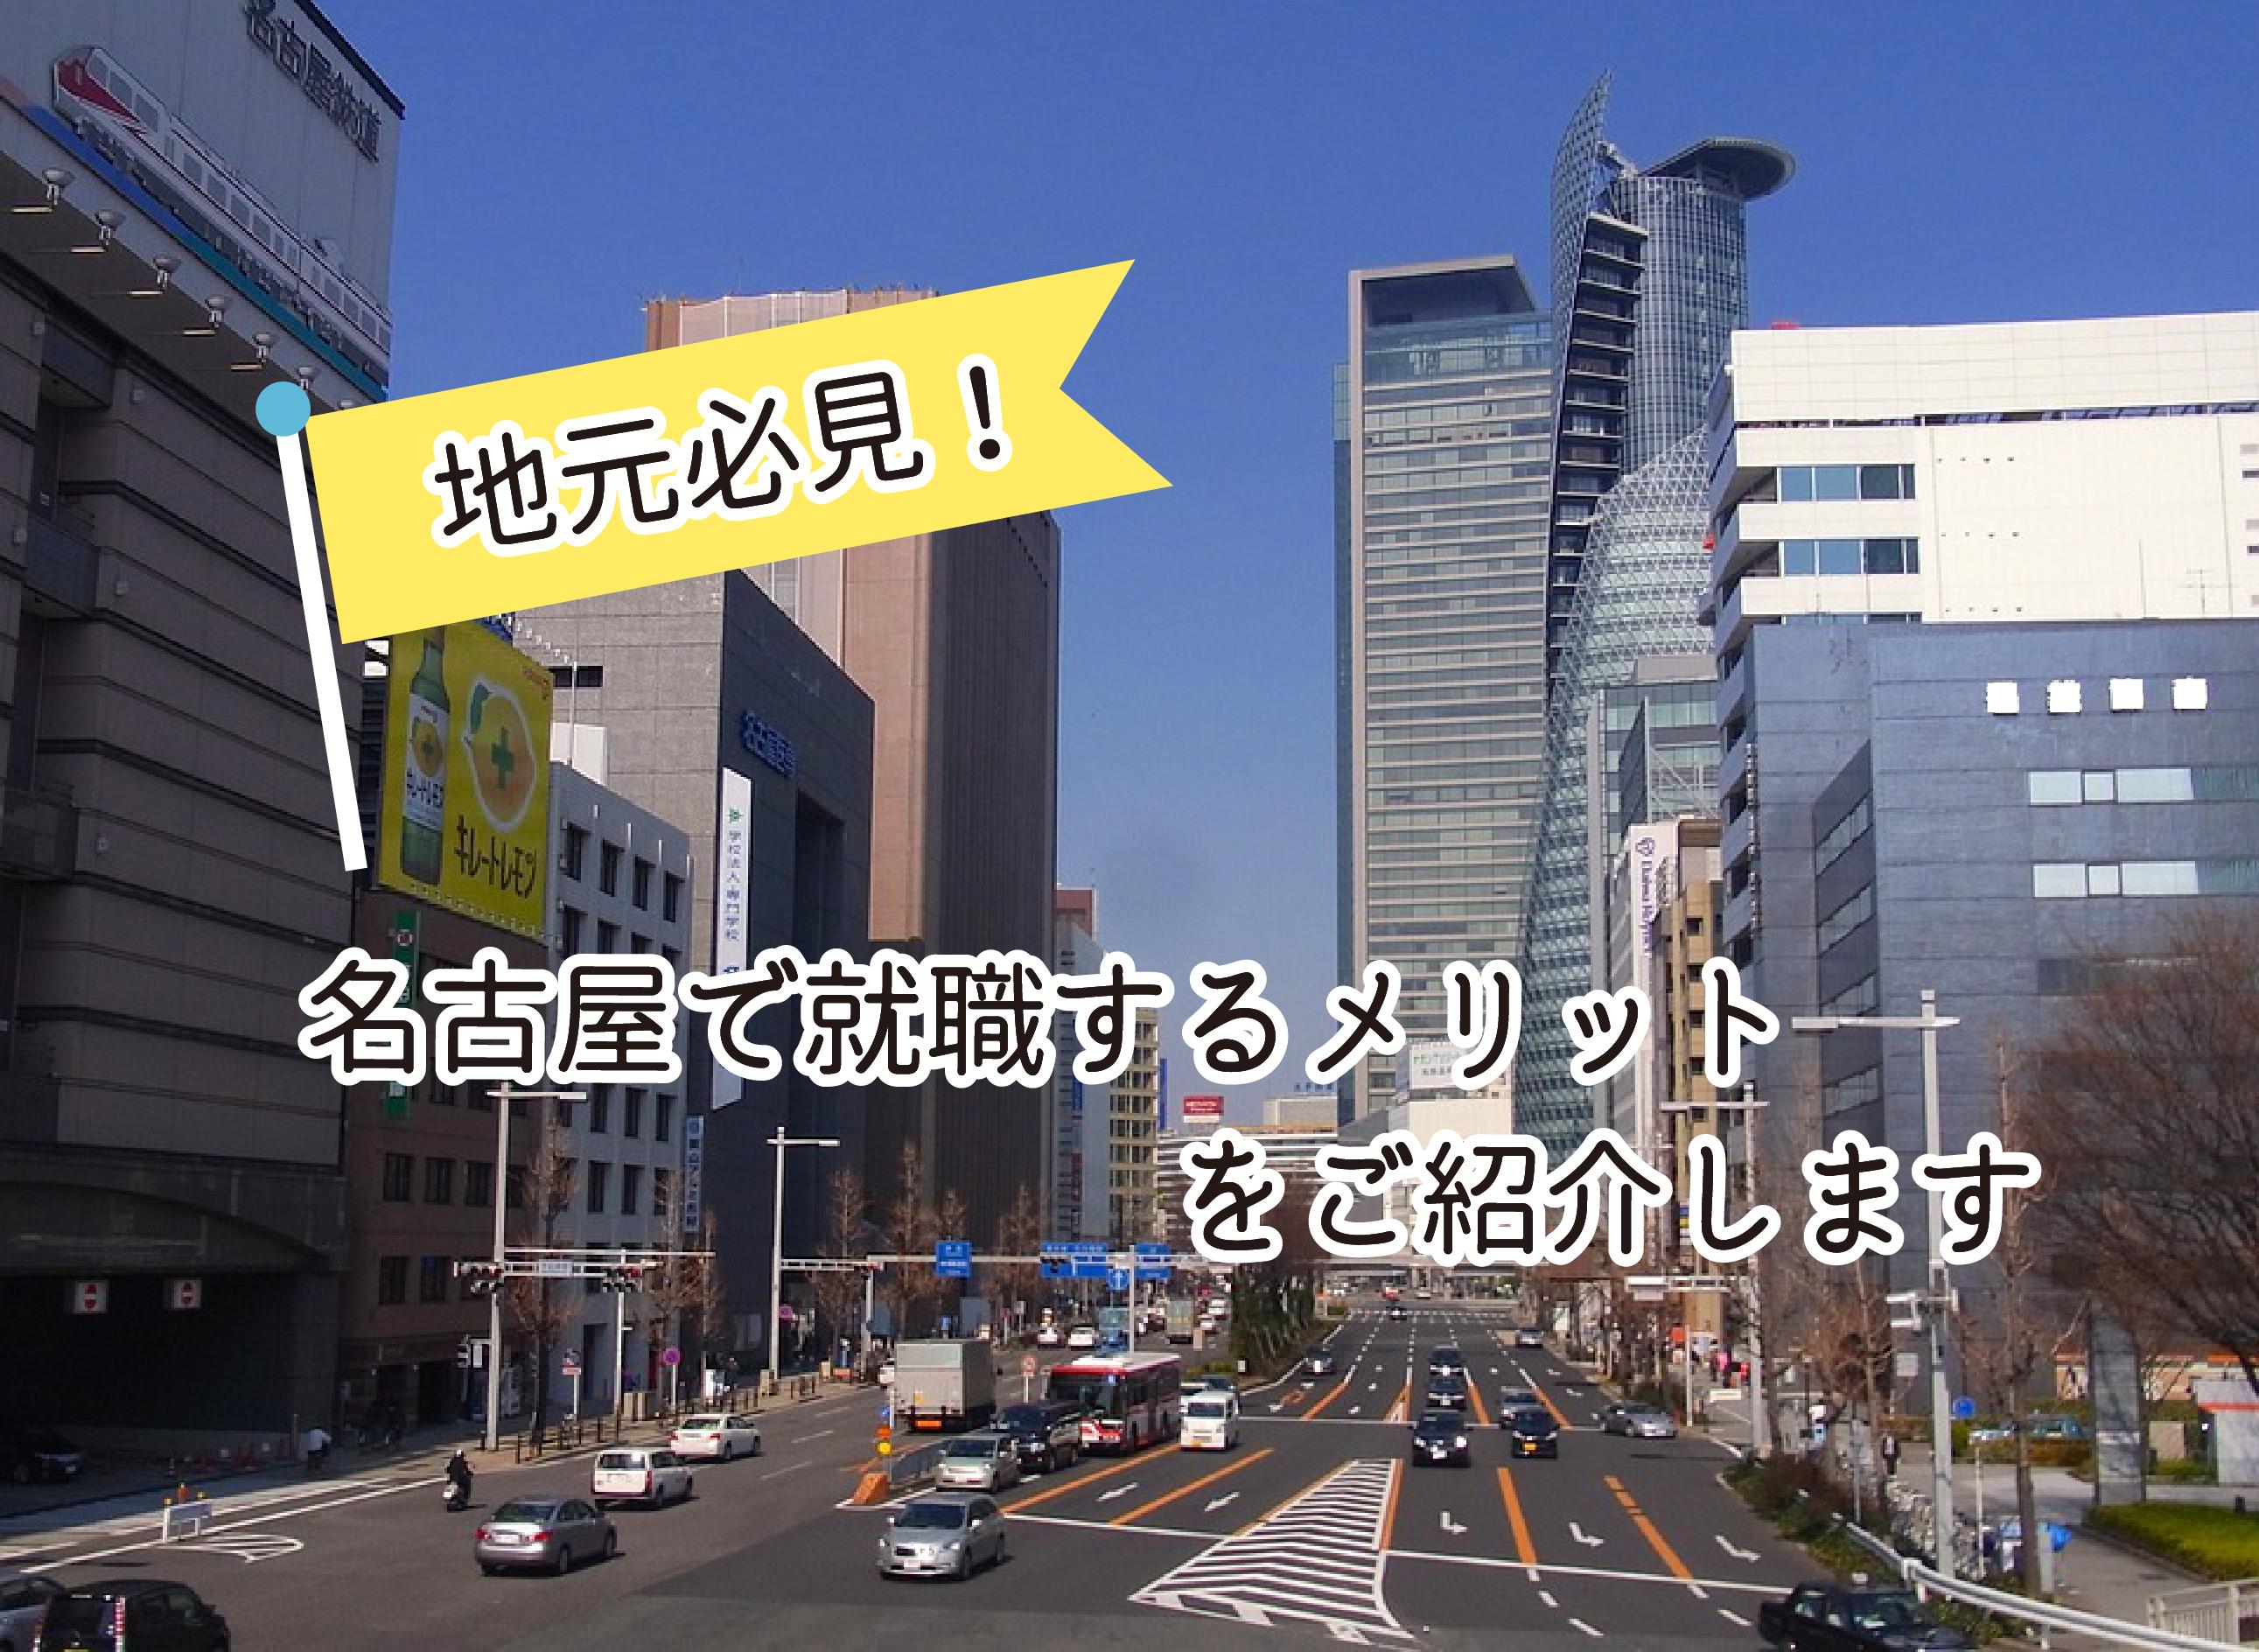 地元必見!名古屋で就職するメリットをご紹介します